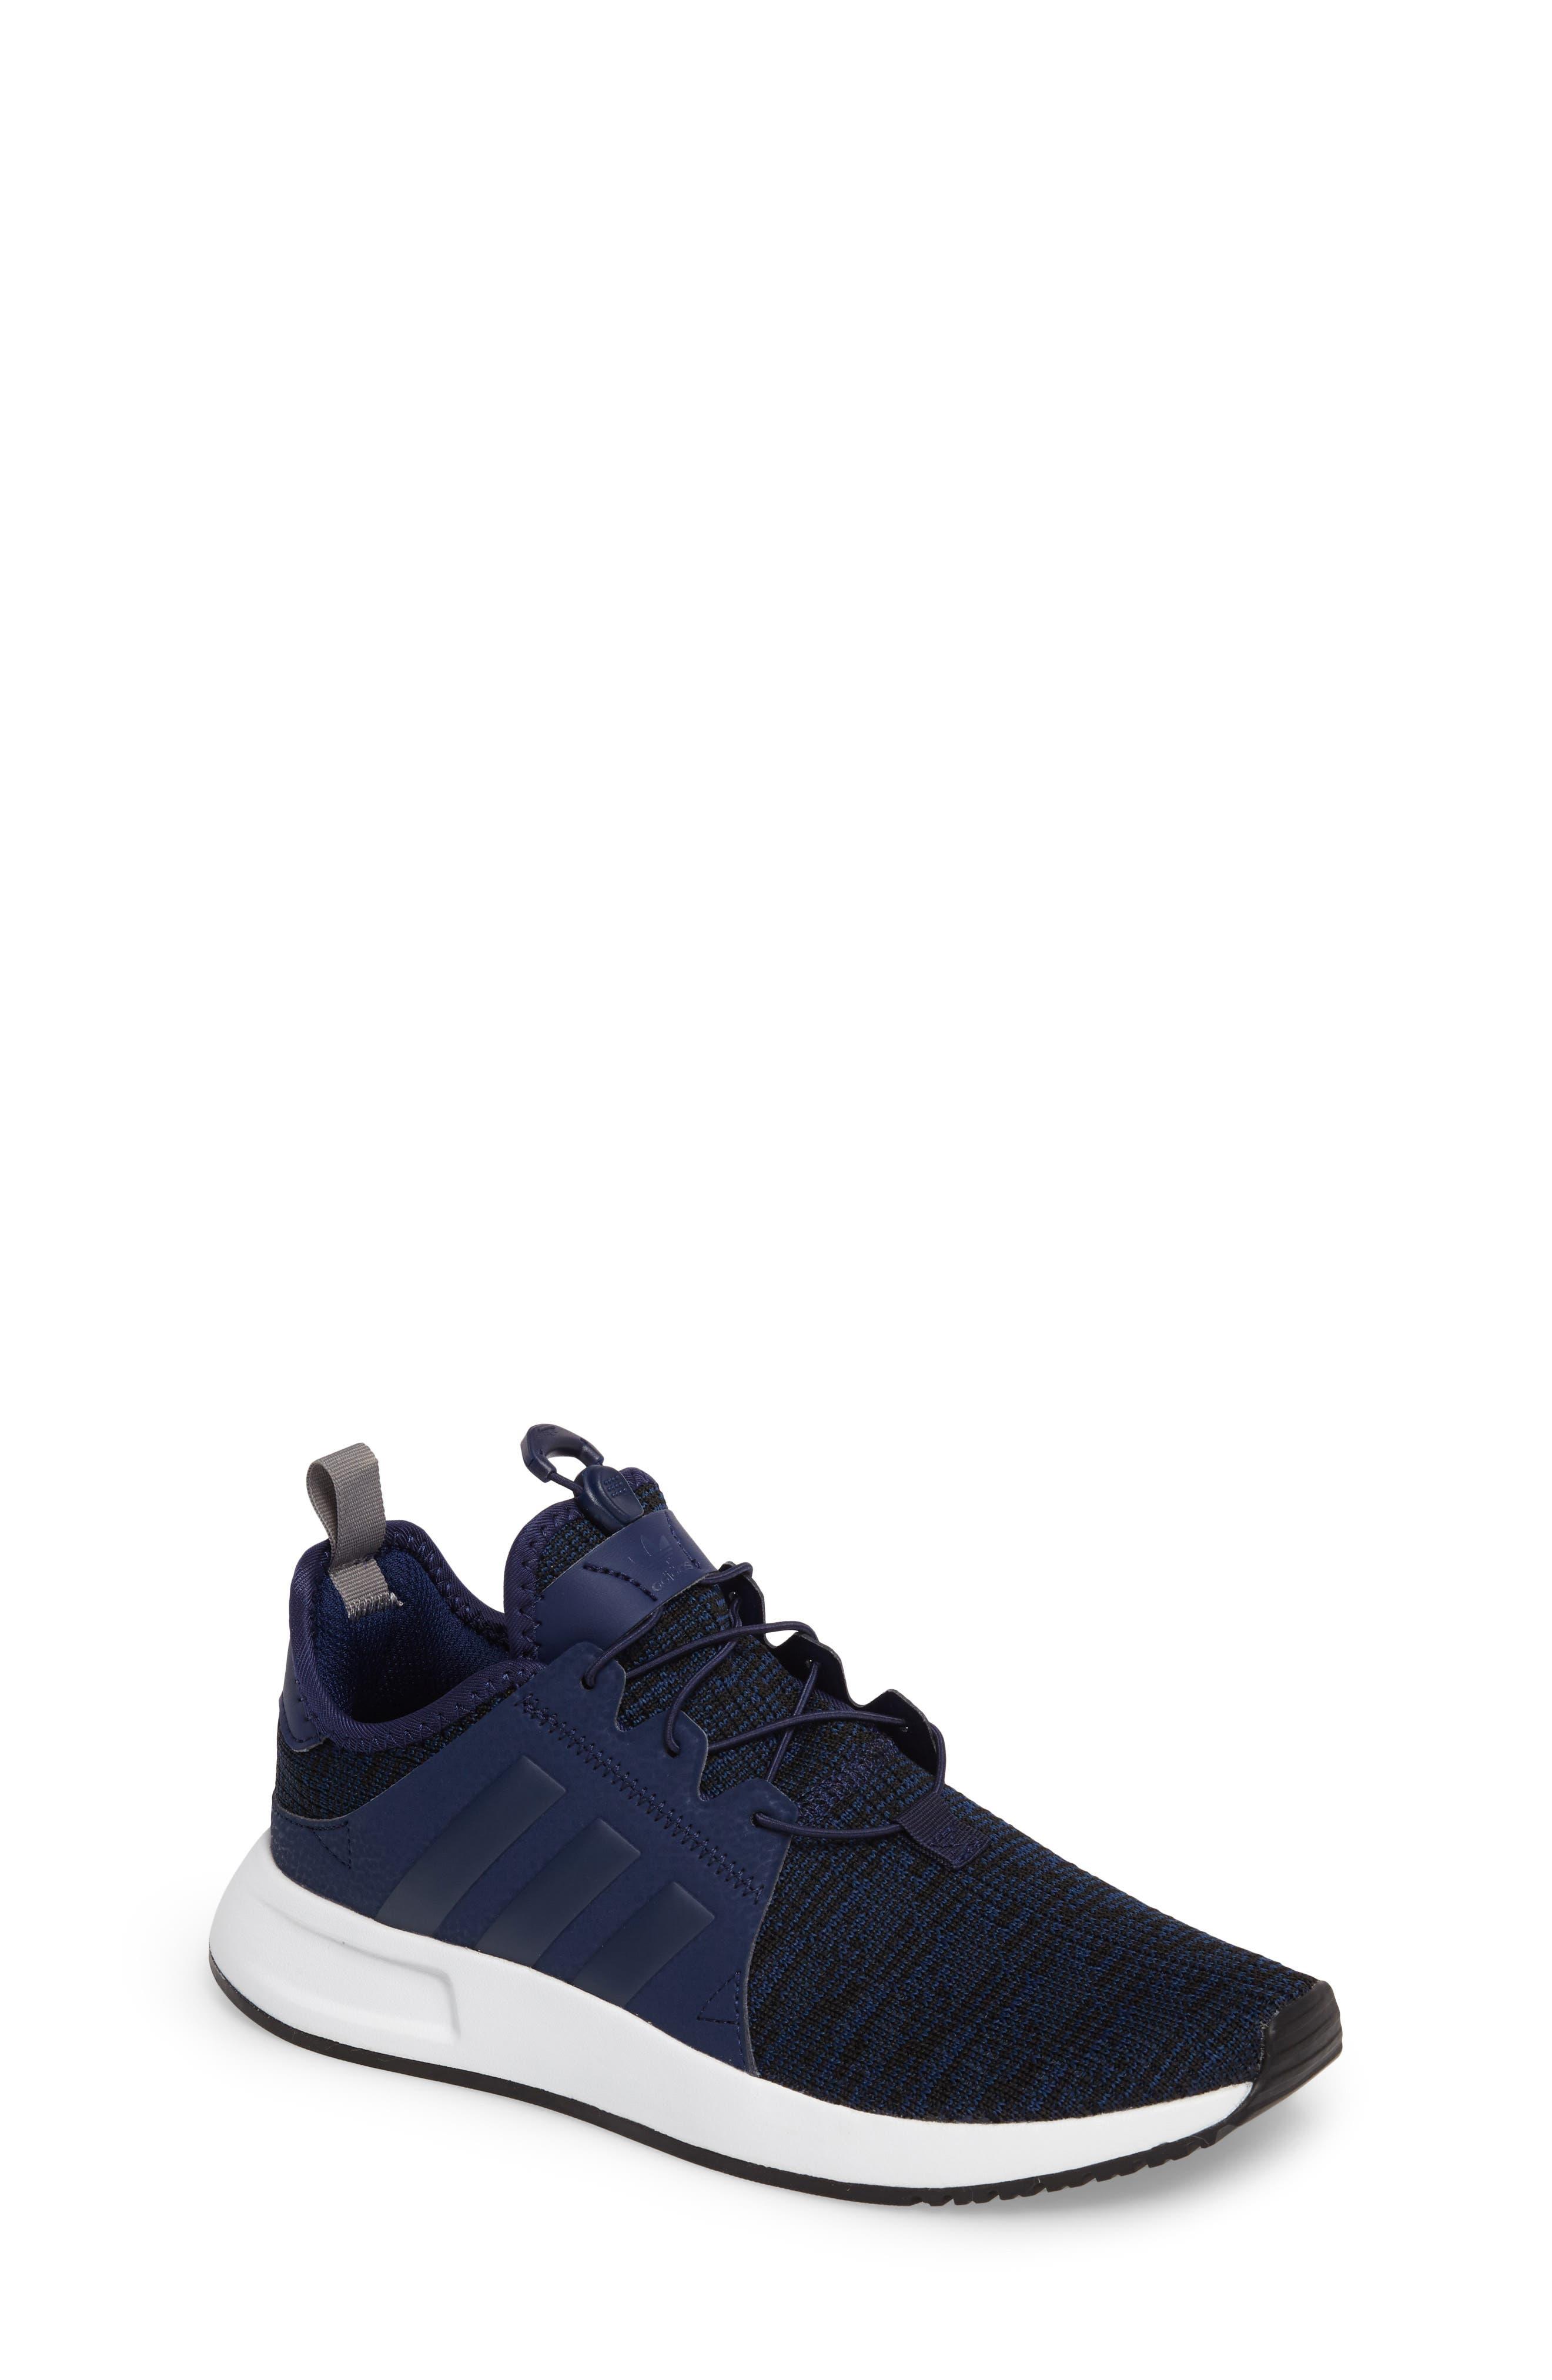 adidas X_PLR Knit Sneaker (Big Kid)